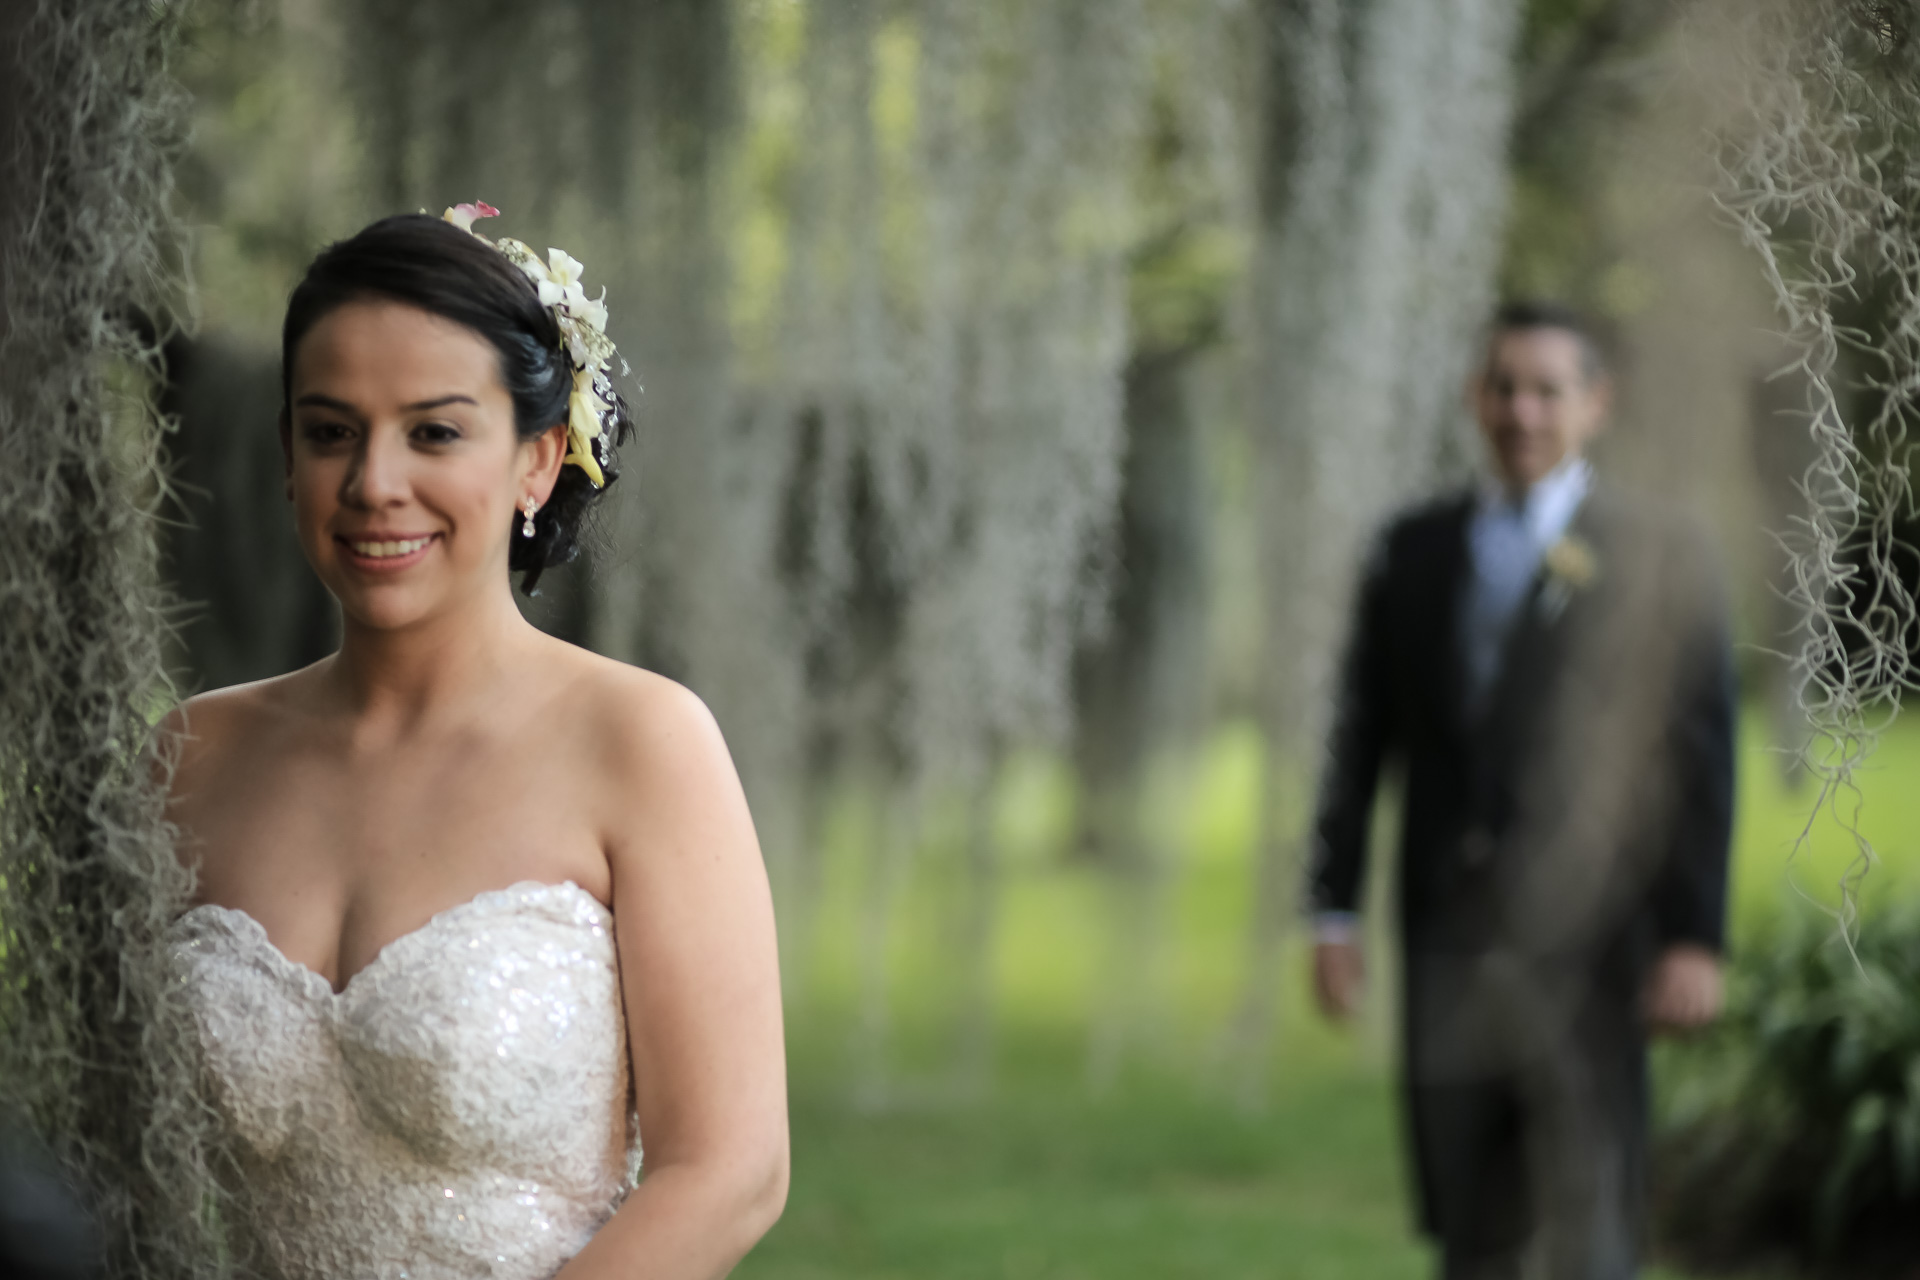 Fotógrafos-de-bodas-en-Colombia-Angela-y-Camilo-19 ANGELA + CAMILO